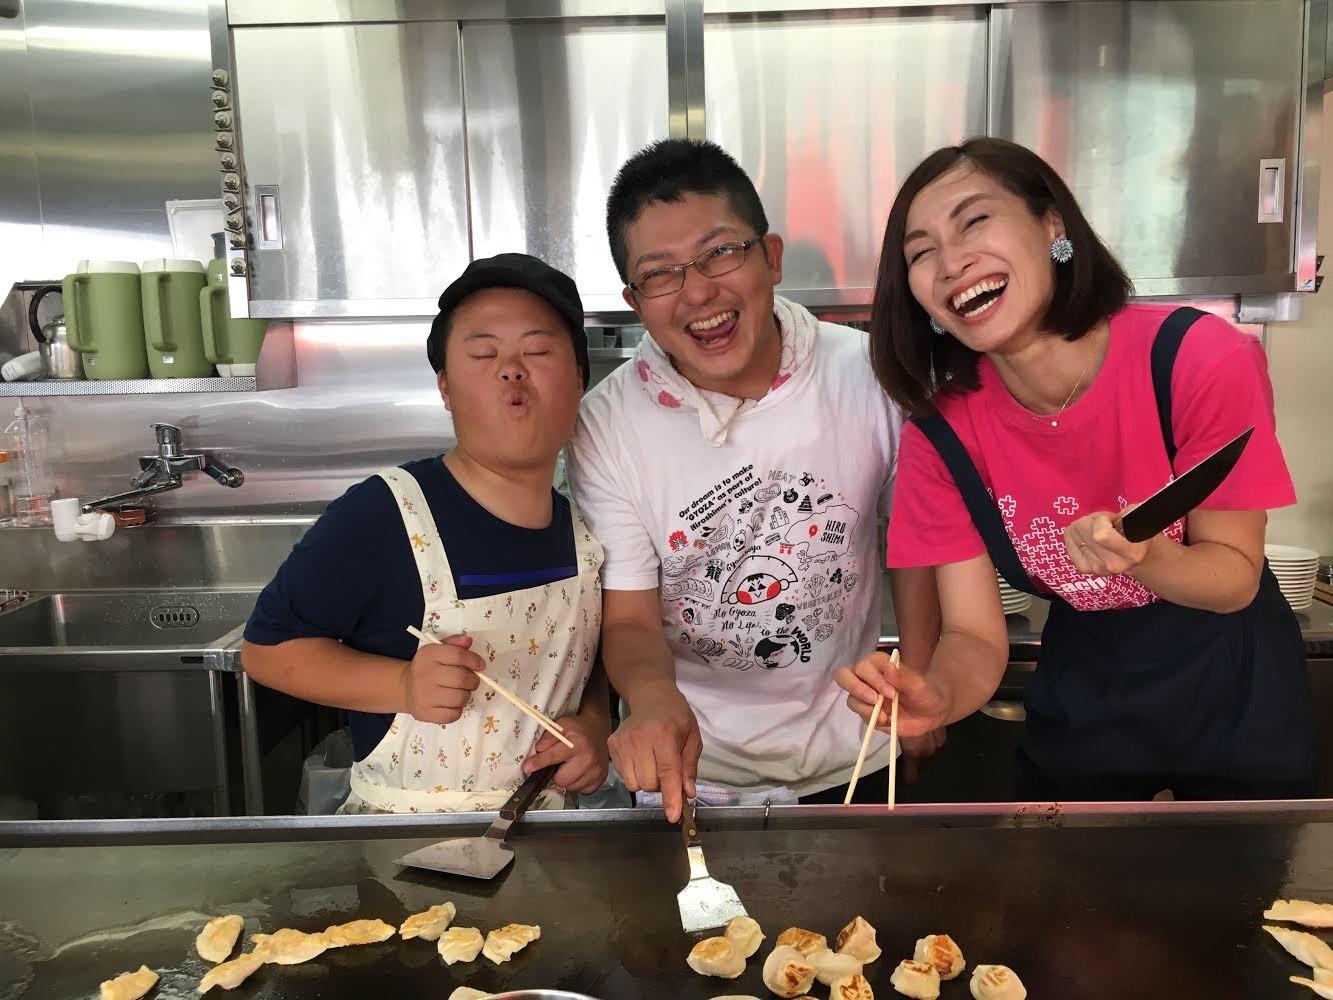 ノイエフェストの手作り餃子教室で餃子います(^_-)